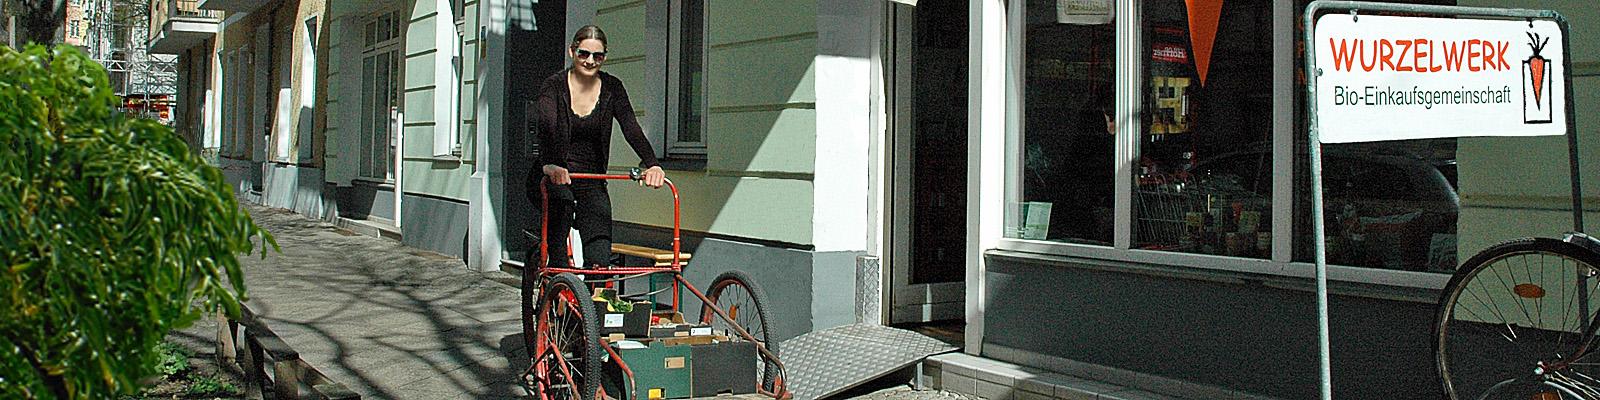 Wurzelwerk Lieferservice per Lastenfahrrad